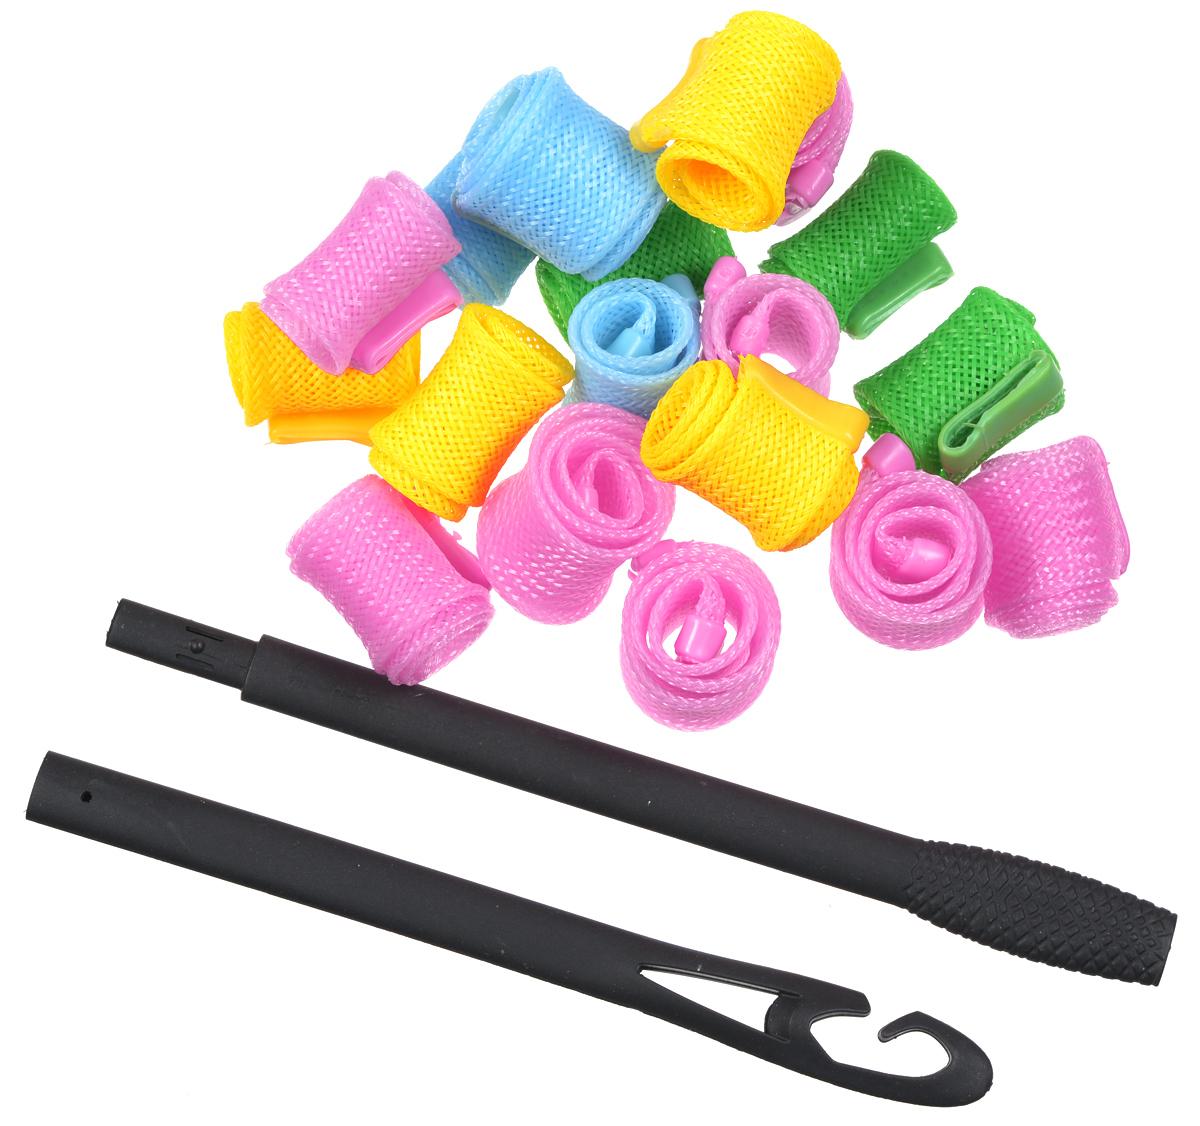 Magic Roller Бигуди круглые, 18 штР19Набор бигуди Magic Roller является простым и легким способом всегда выглядеть безупречно и стильно! Предназначен для создания мелких кудряшек, локонов и волн, а также придания дополнительного объема. Бигуди произведены из мягкого материала, и в них можно спать.Magic Roller выполнены из мягкого пластика с силиконовыми наконечниками, что позволяет им служить долго, подходят для кончиков и на волосы до 25 см, а также на каскадную стрижку.Ваша прическа зависит только от вашей фантазии и настроения!Преимущества волшебных бигуди Magic Roller: Создают большой объем.Удобны и легки в использовании. Справится даже ребенок!Подходят как для коротких, так и для волос до 25 см.Позволяют легко контролировать направление и равномерность укладки без заломов.Обеспечивают бережное отношение к волосам.Смена имиджа за час.Процесс накручивания бигуди Magic Roller никогда не утомит вас.Экономия времени и денег на дорогих салонах.Возможны любые прически: от струящихся локонов, до фиксированных вечерних и свадебных причесок.Волшебные бигуди Magic Roller - это здоровая альтернатива химической завивке.К бигудям прилагается специальный крючок для протягивания пряди внутрь бигуди.Бигуди надеваются на влажные волосы и высушиваются тёплым феном, так что даже самые жесткие и непослушные волосы подчиняются и ложатся красивыми спиральными локонами.Порядок использования:1. Слегка намочить волосы.2. Собрать двойной крючок.3. Слегка намочить волосы. Нанести мусс или гель при необходимости на влажные волосы.4. Пропустить крючок через бигуди насквозь.5. Зацепить небольшую прядь с помощью крючка у основания локона.6. Пропустить прядь с помощью крючка сквозь бигуди.7. Проделать то же самое с остальными бигуди по всему контуру головы.8. Подержать волосы 5-10 минут.9. Высушить волосы феном или с помощью термо шапки.10. Придерживая одной рукой локон у основания, другой снять бигуди.Причёска готова.Если волосы жёсткие и непослушные рекомендуется поносить бигуди подольше (мо